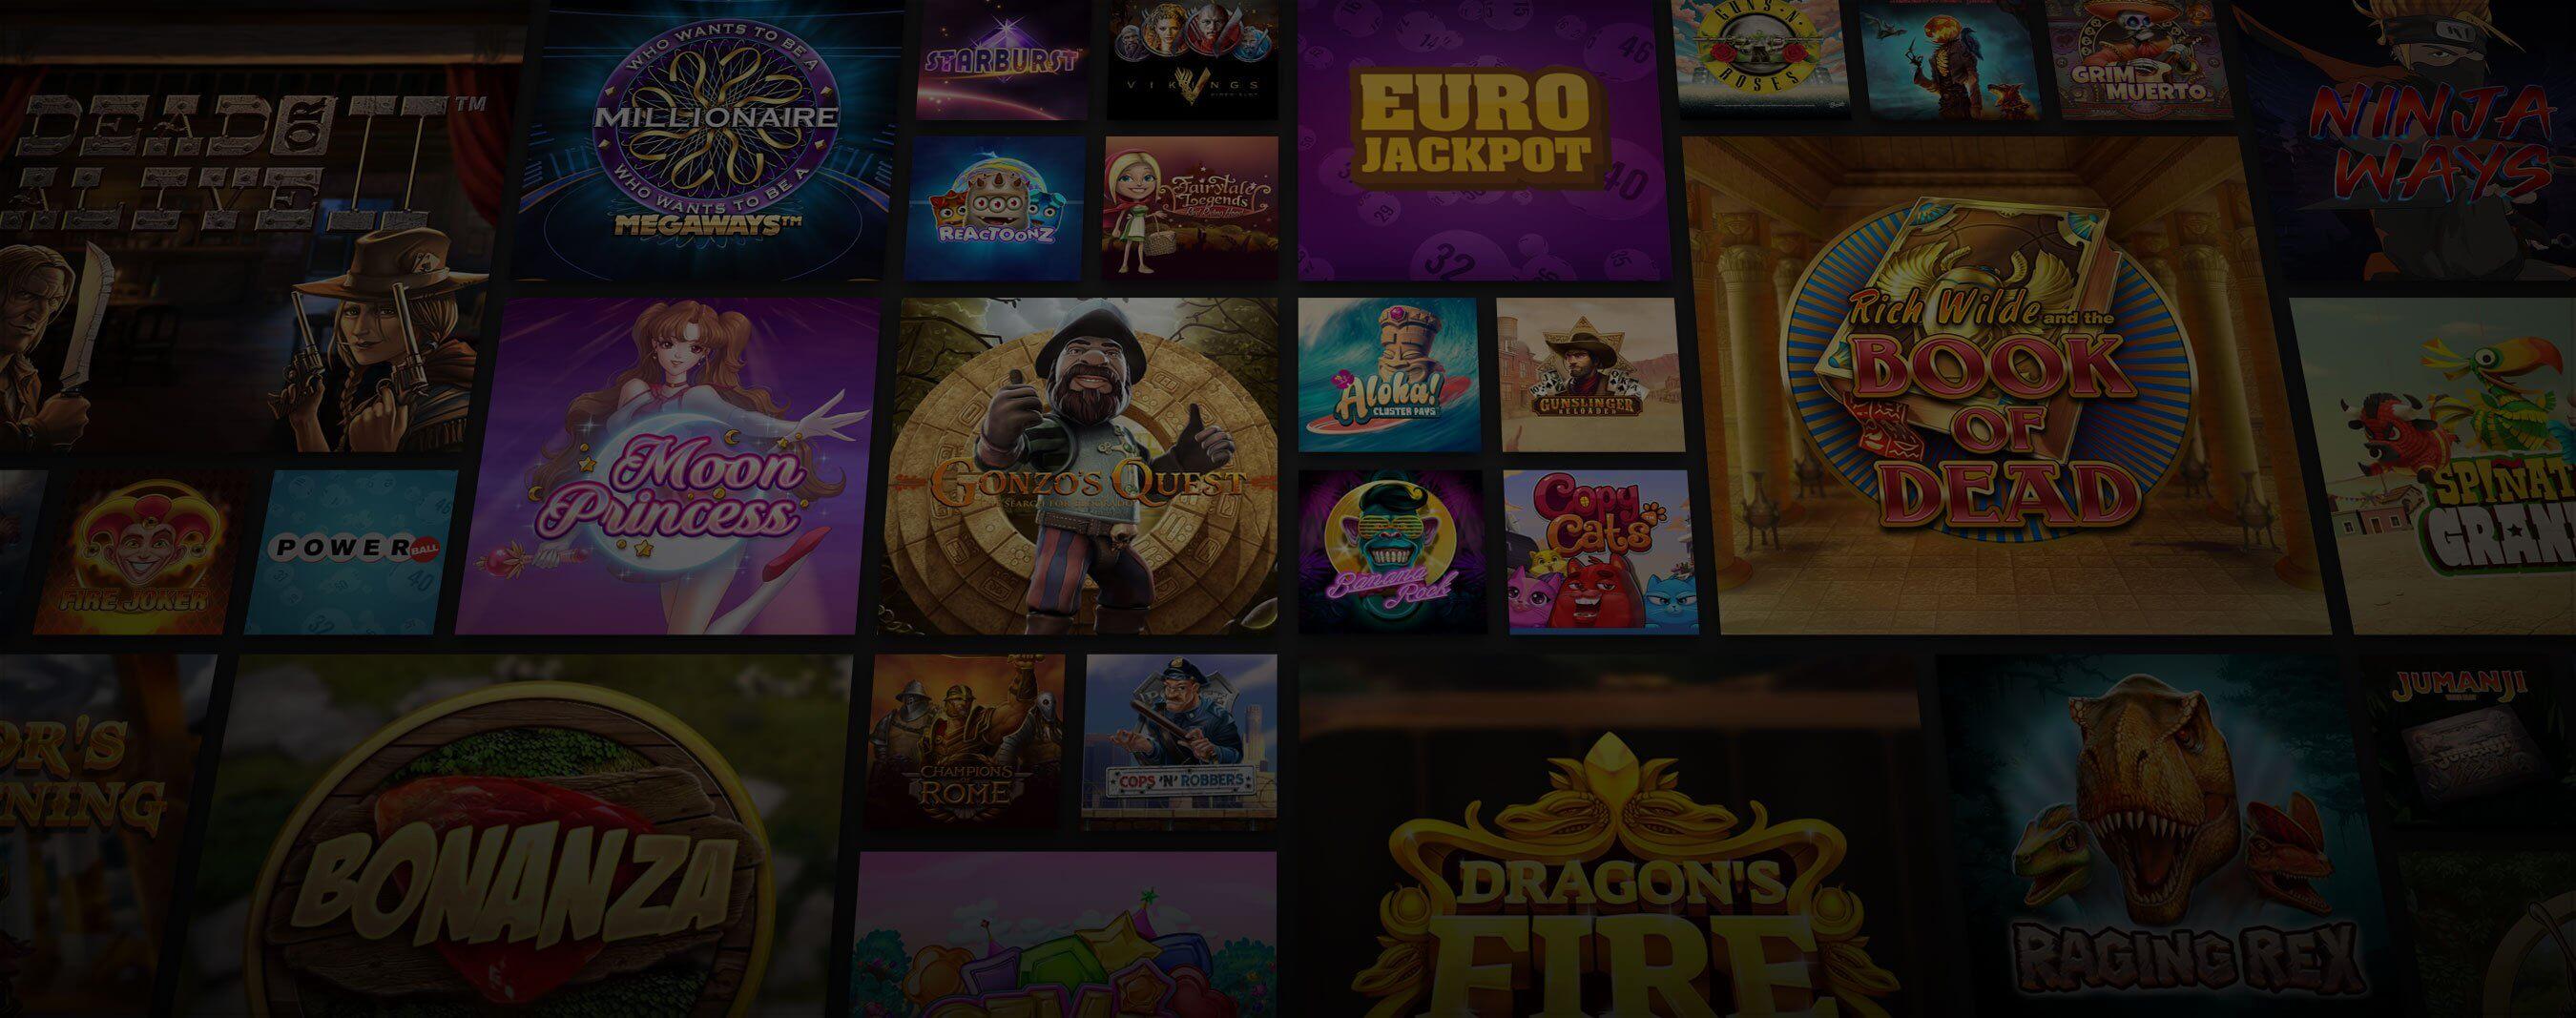 NYA mobilcasino gratis casino 150050